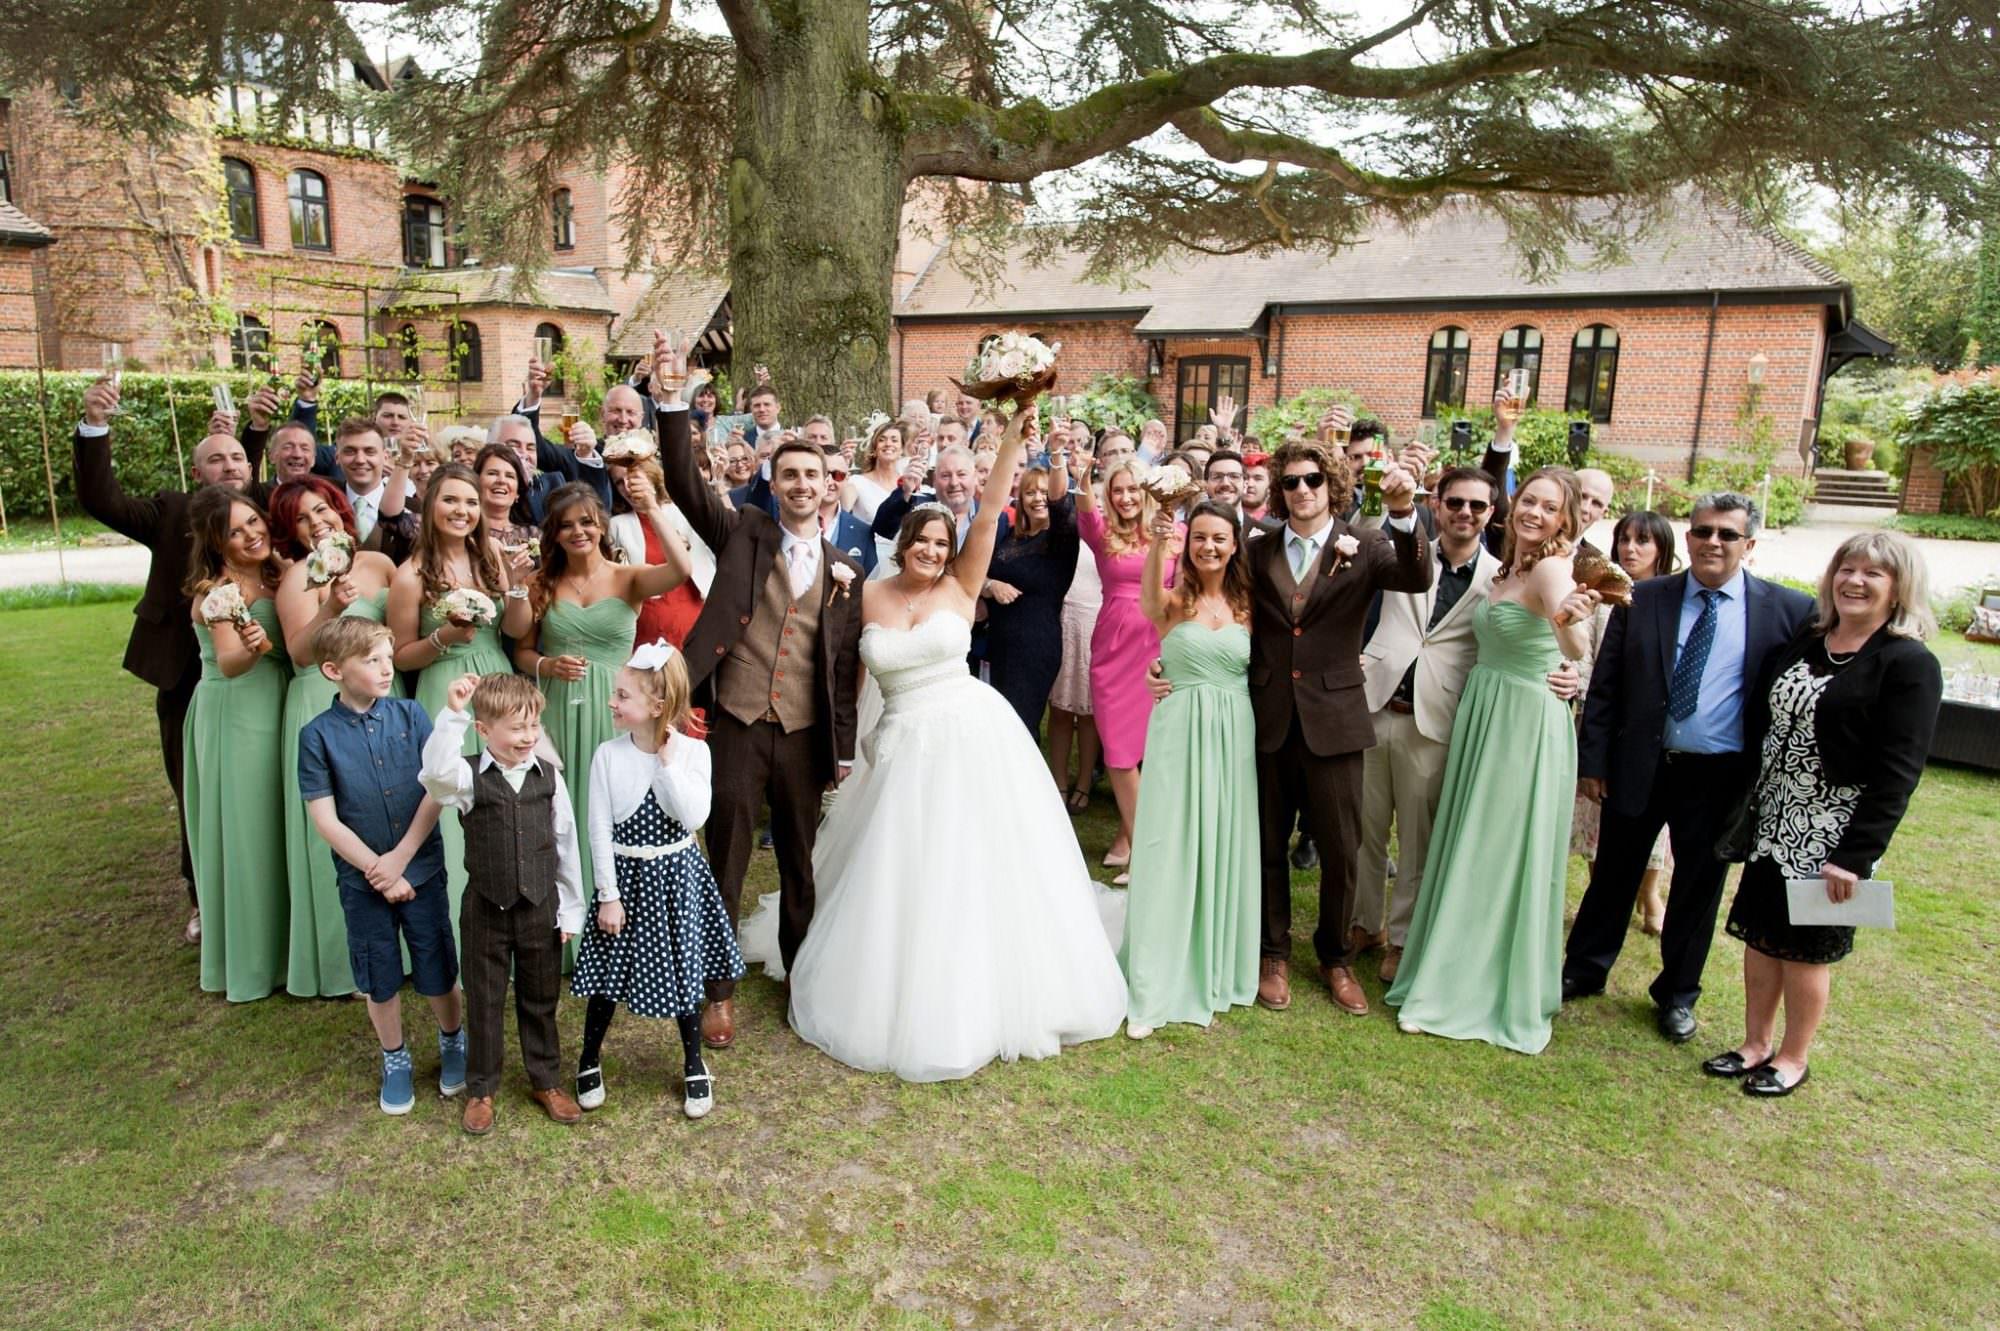 Group Photograph at Careys Manor